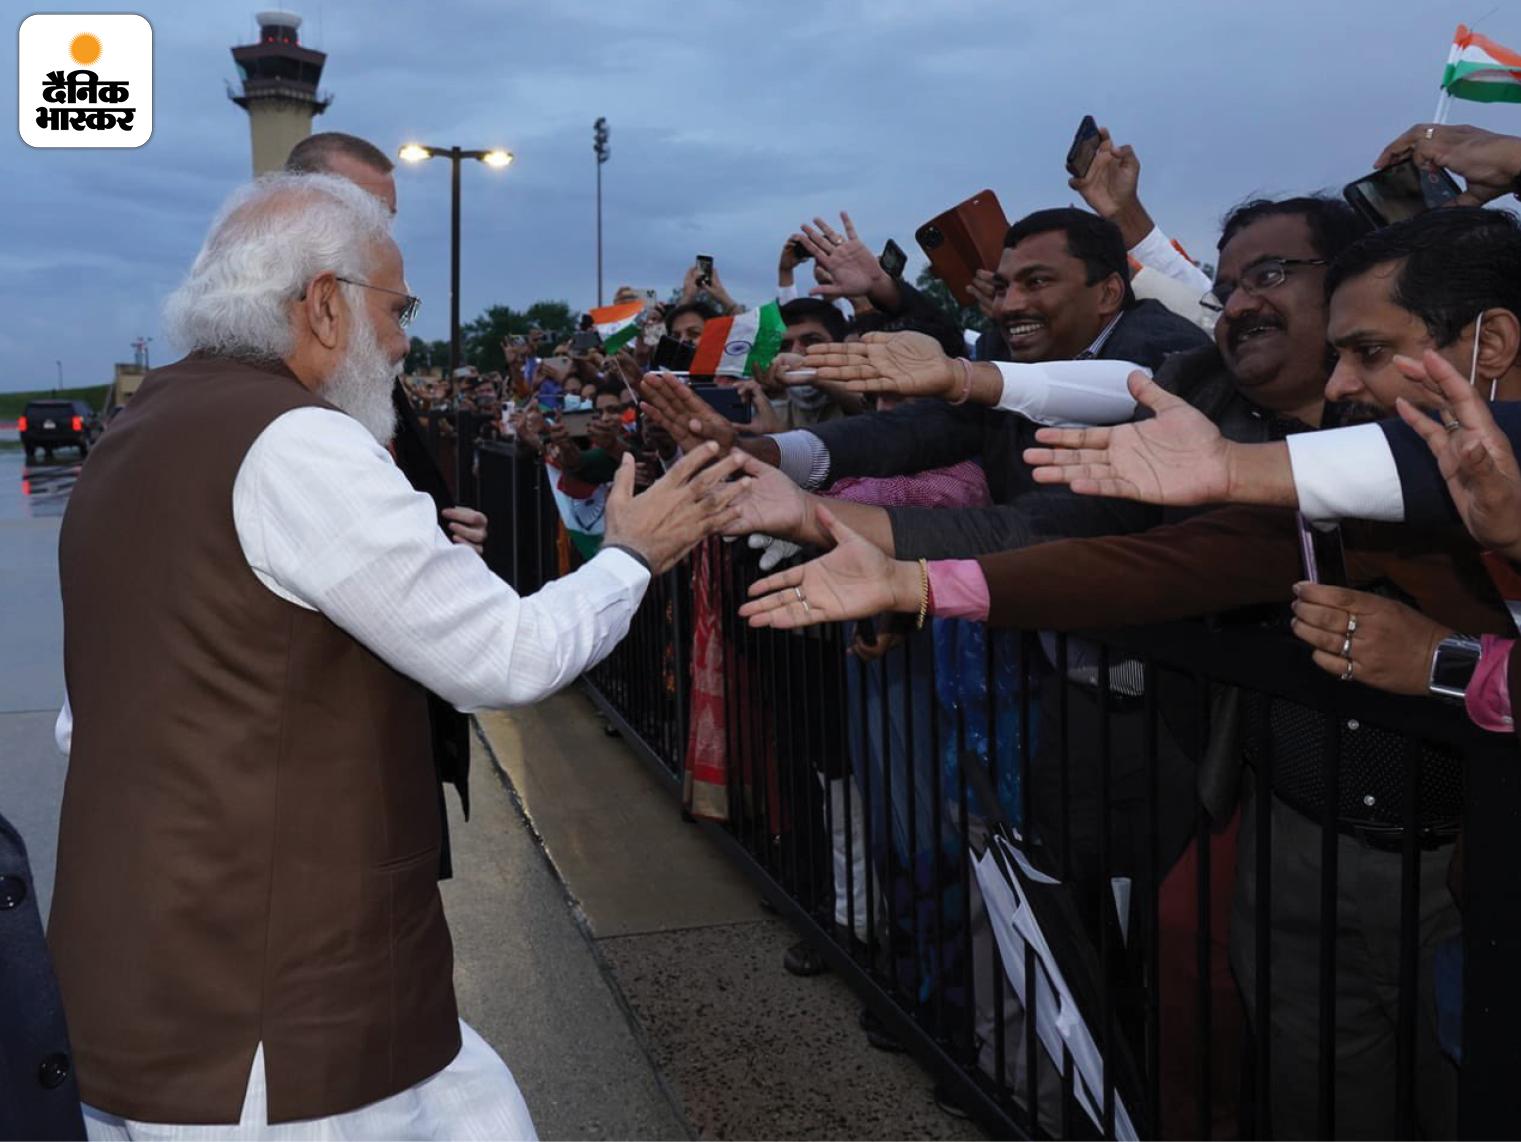 एयरपोर्ट के बार हर कोई मोदी से हाथ मिलाने की कोशिश करता दिखाई दिया और मोदी ने भी कोशिश की कि कोई निराश न हो।